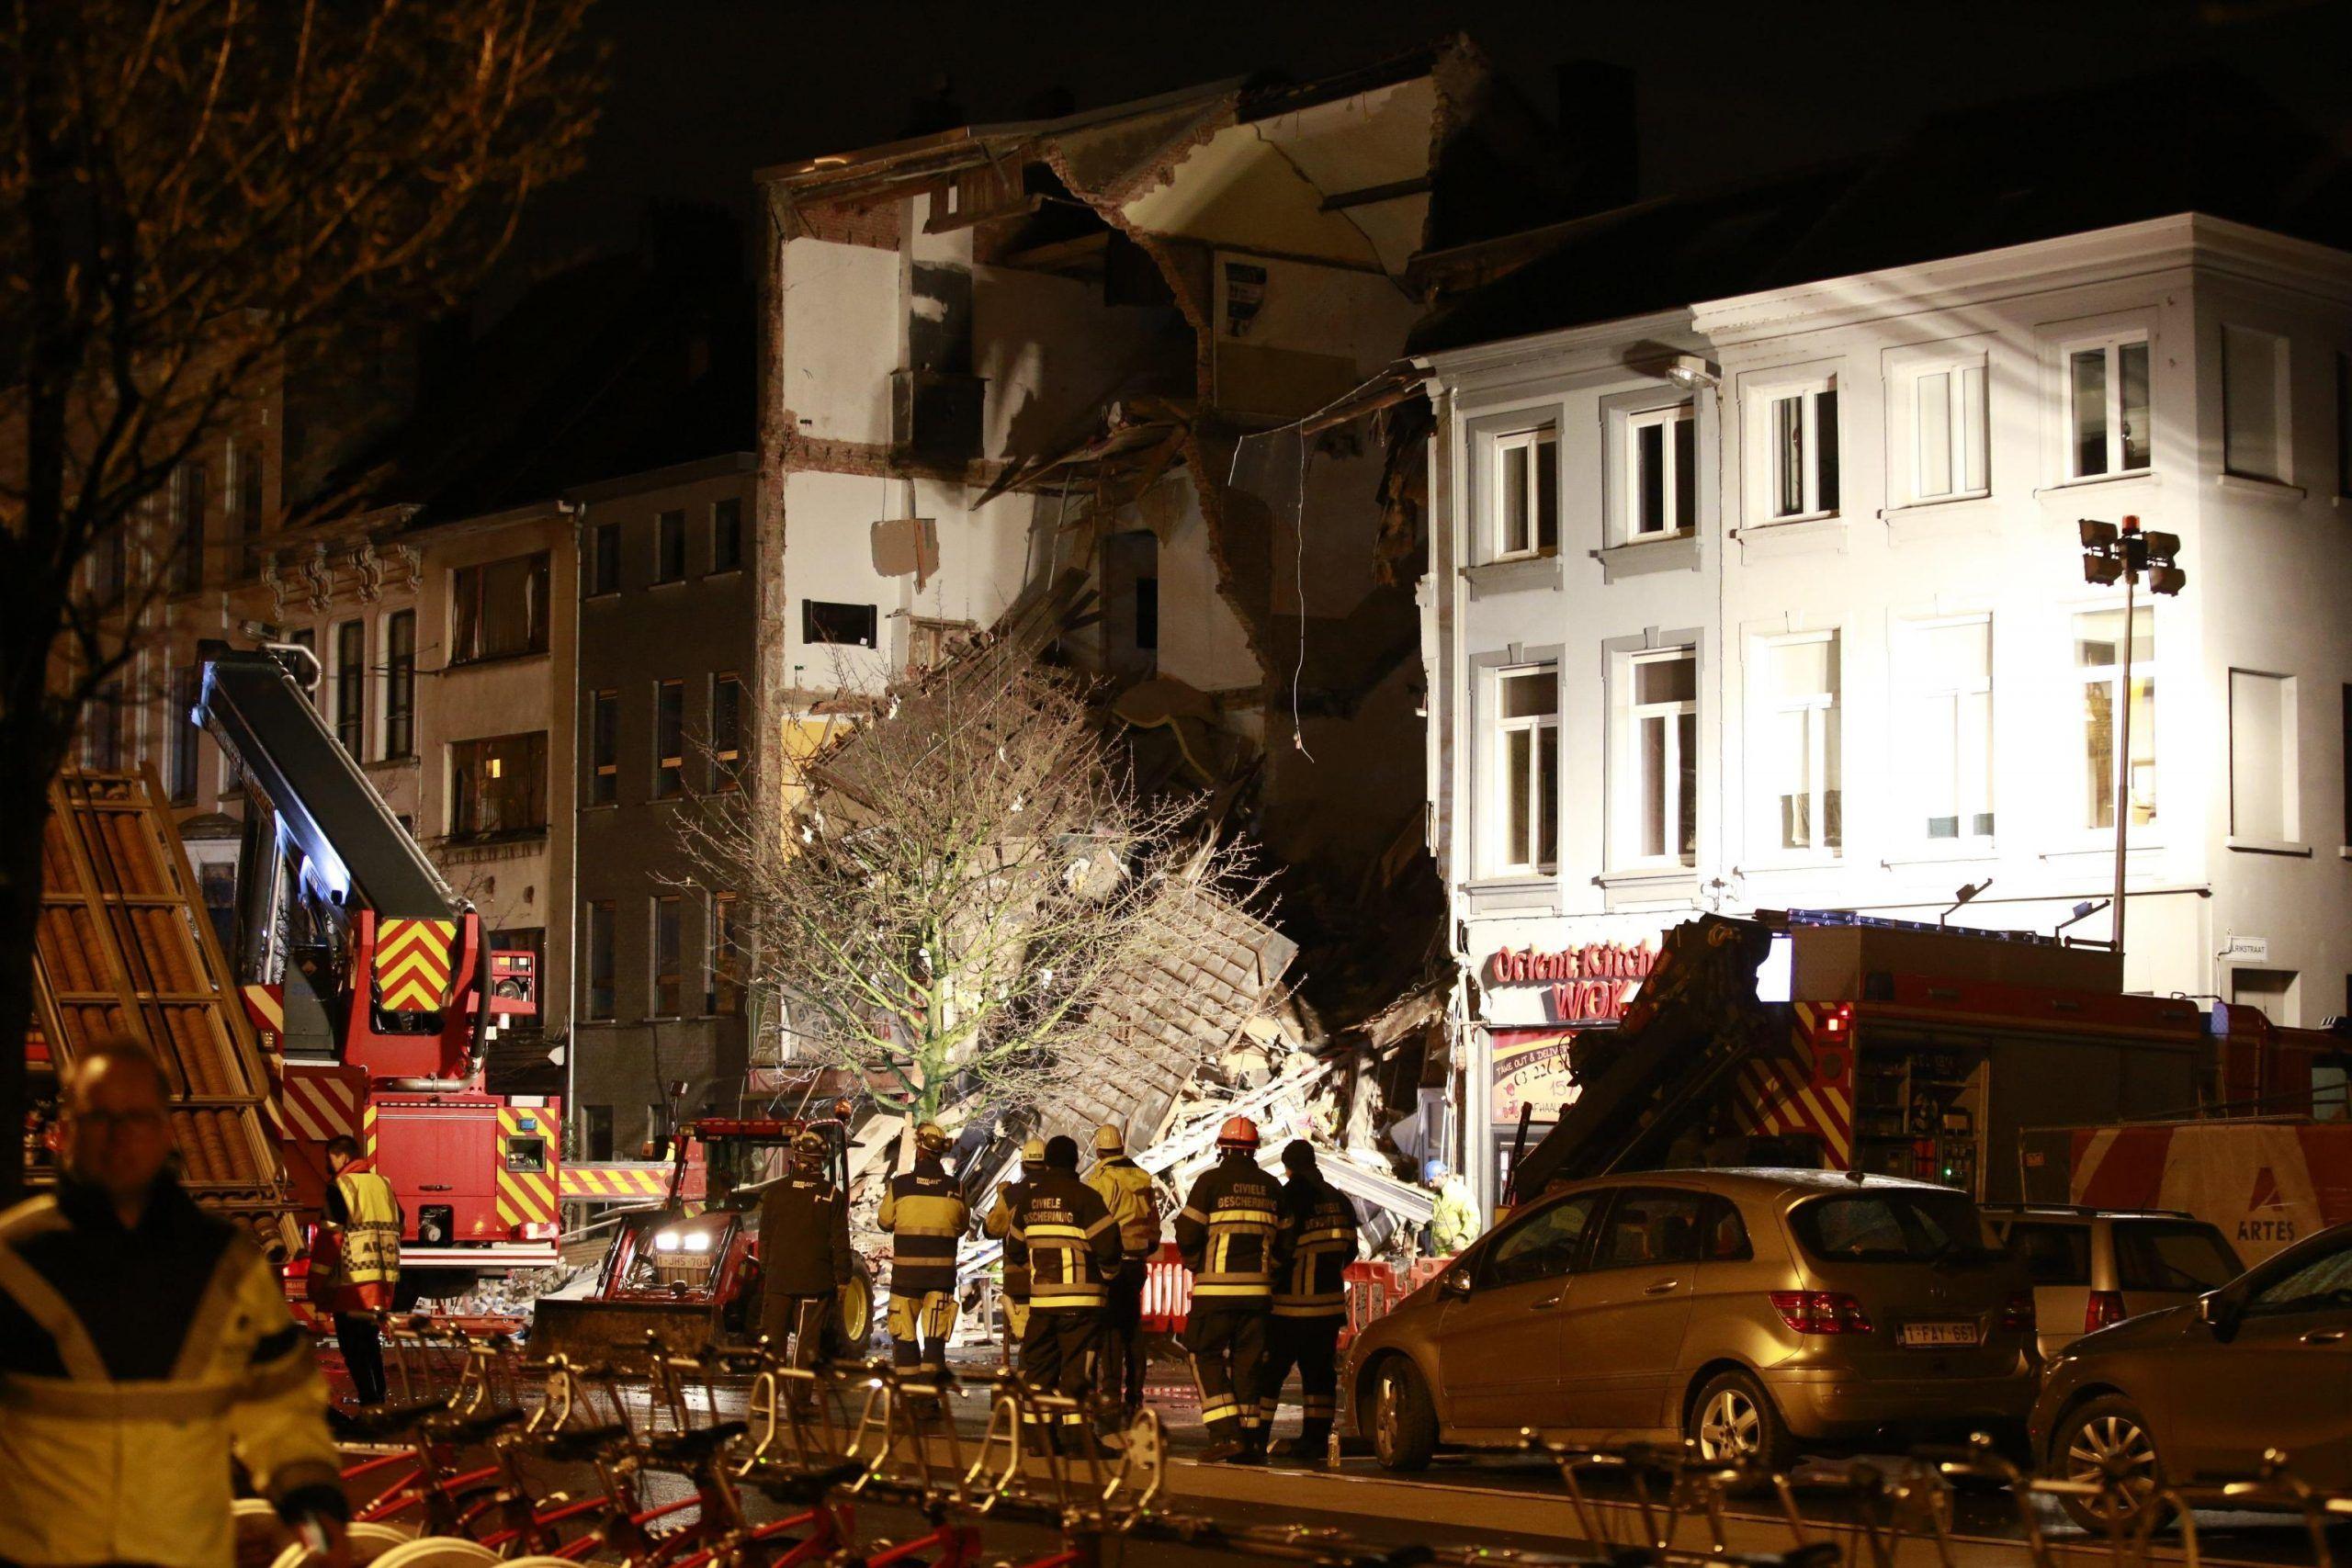 Esplode ristorante italiano ad Anversa